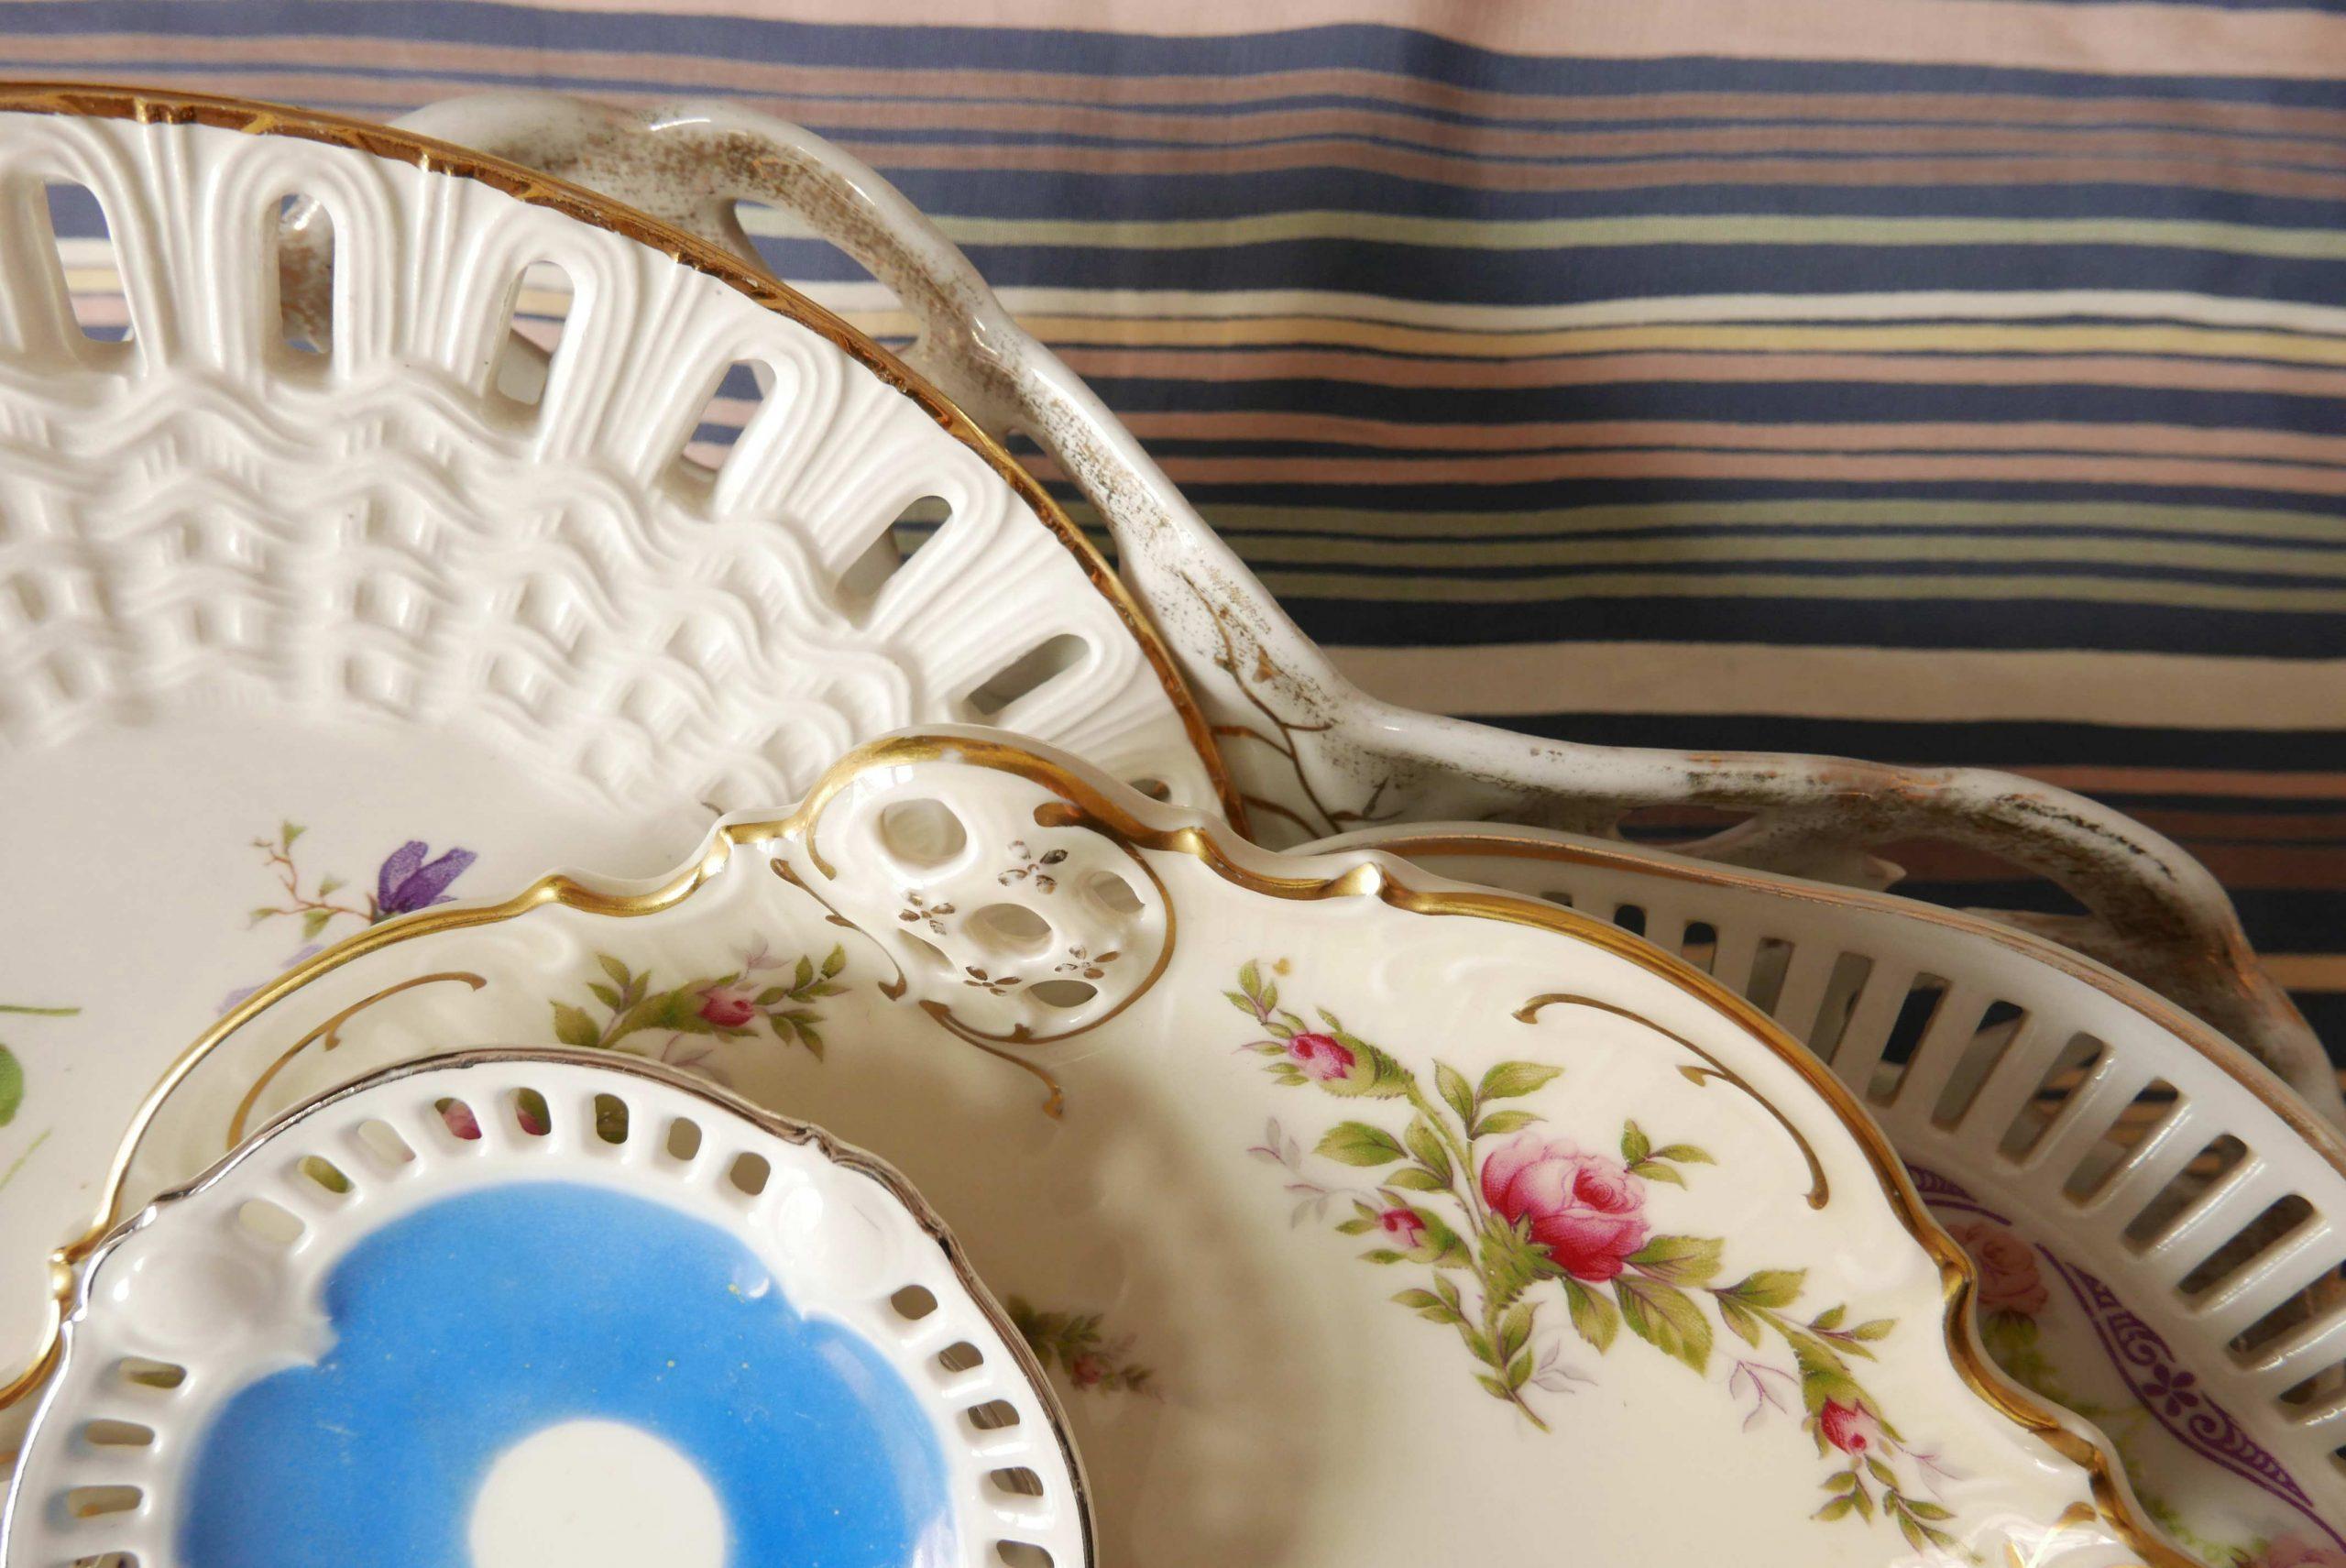 Teller mit Lochdekor Durchbruch Porzellan mit Löchern